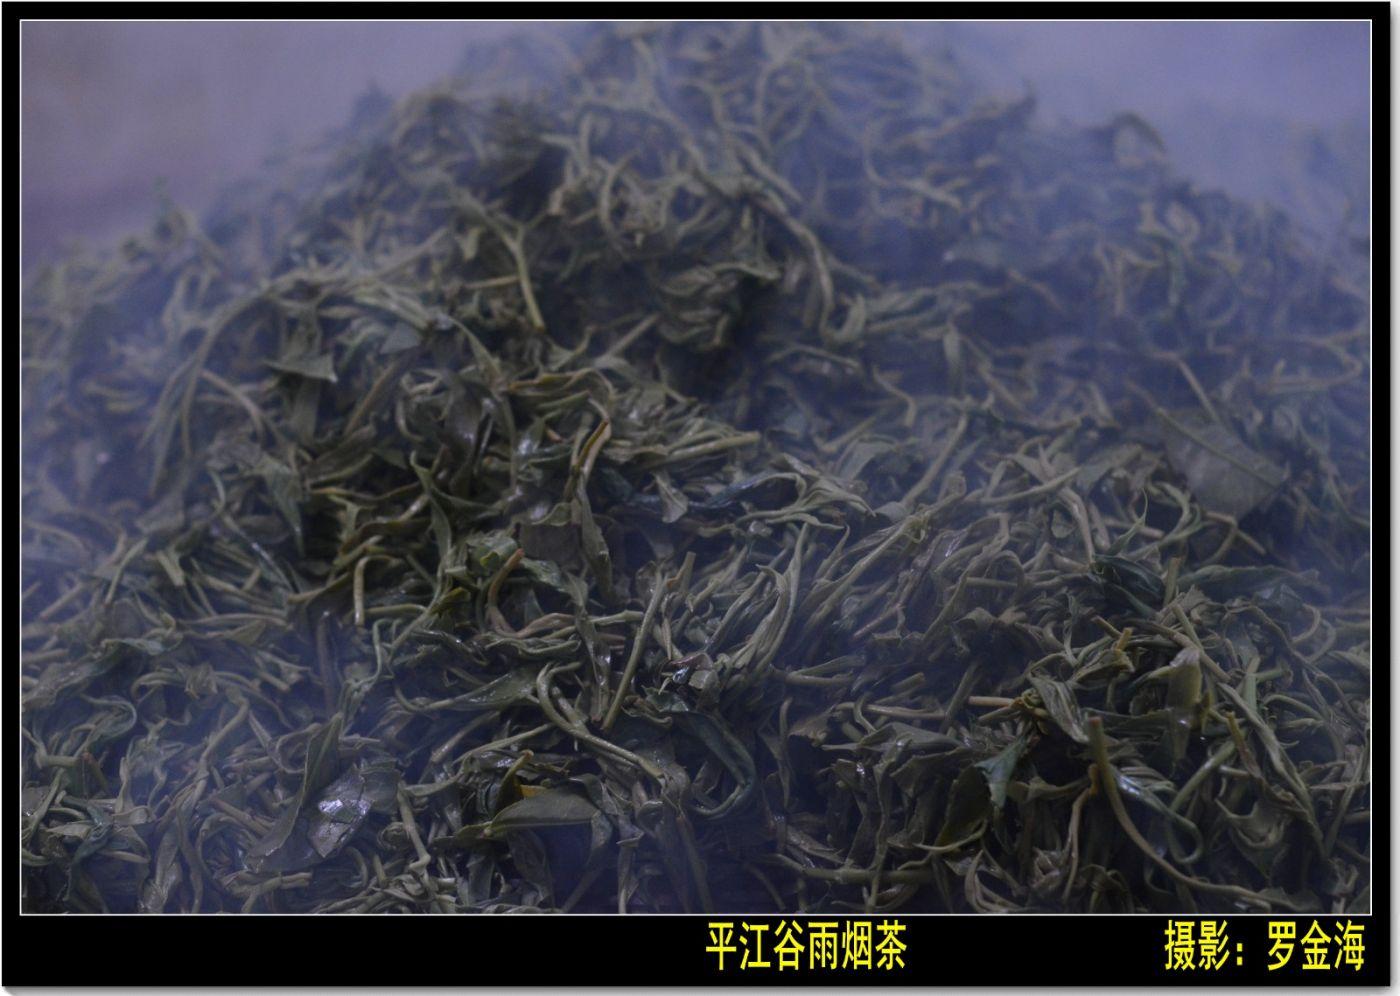 平江烟茶赋(古典诗词)_图1-1